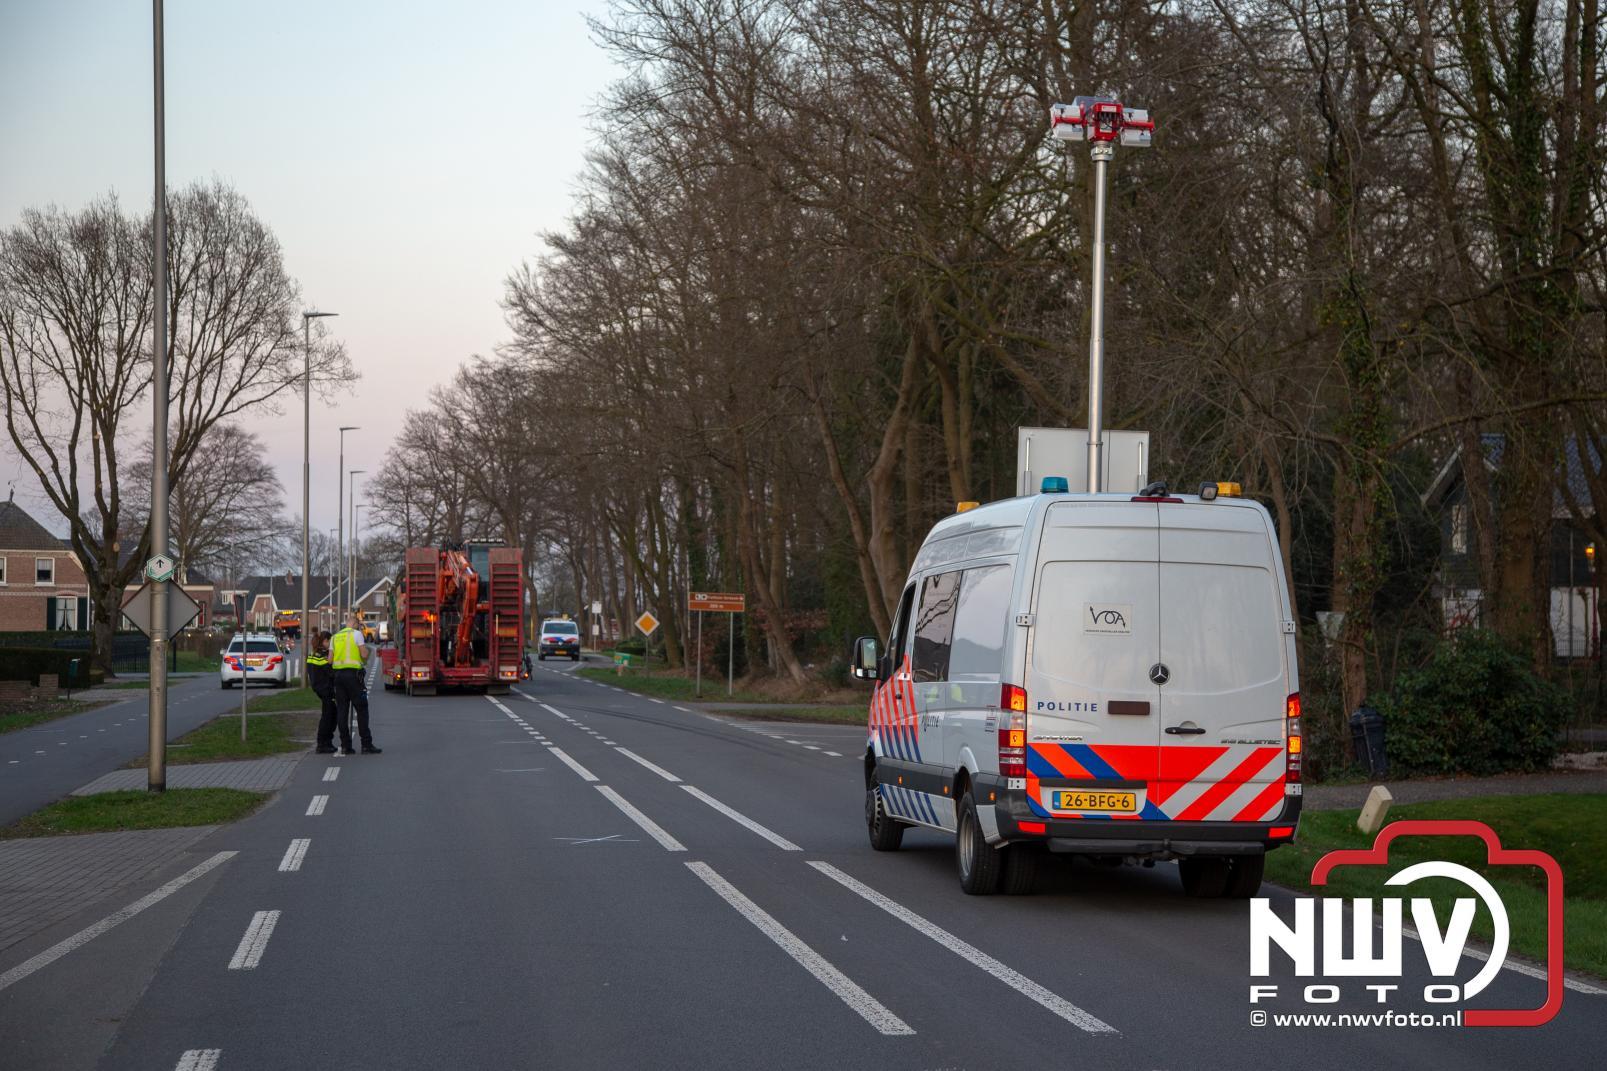 Ernstig ongeval tussen kind met fiets en vrachtwagen, traumahelikopter landt bij A28 - ©NWVFoto.nl